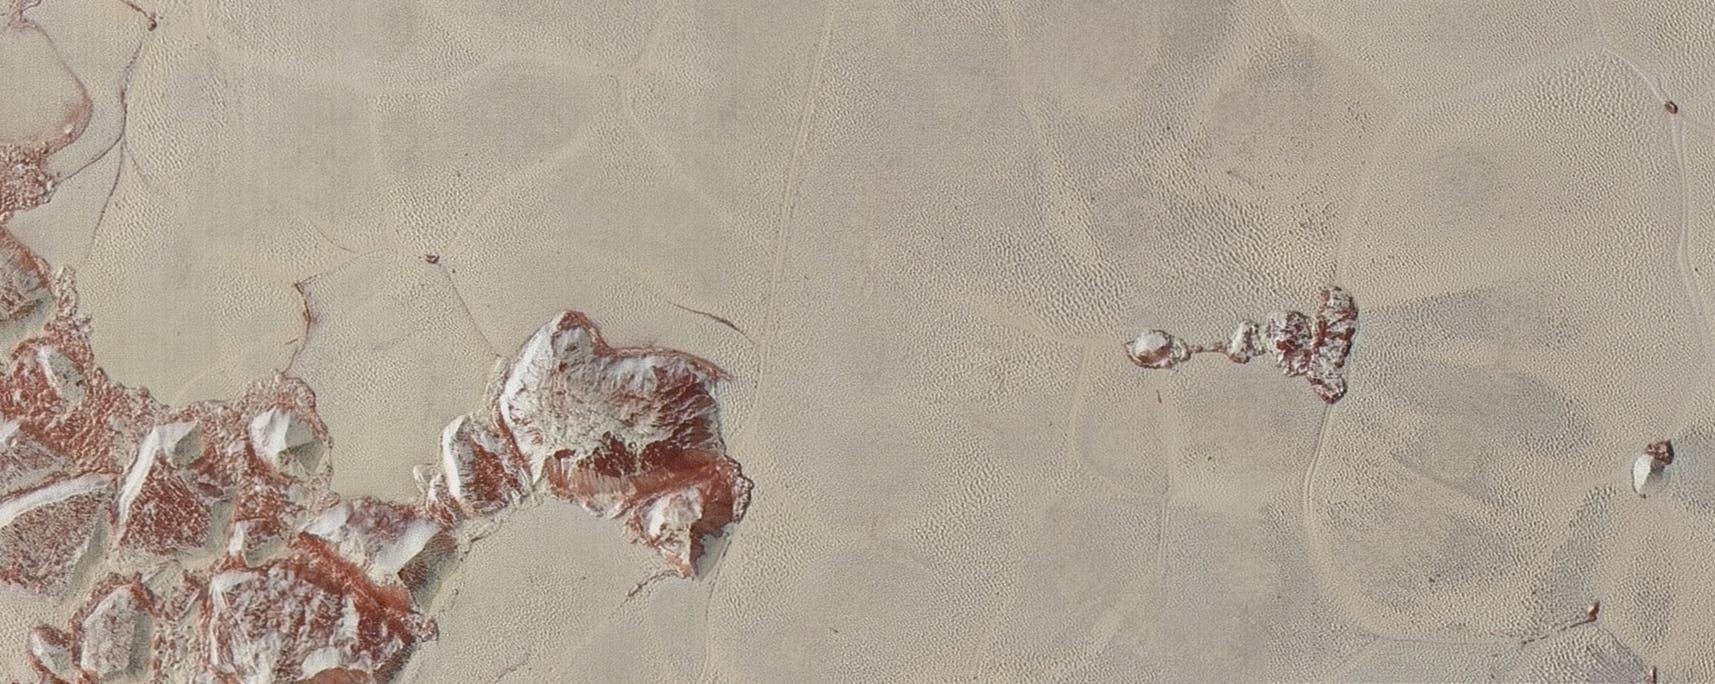 Detailansicht von Sputnik Planitia